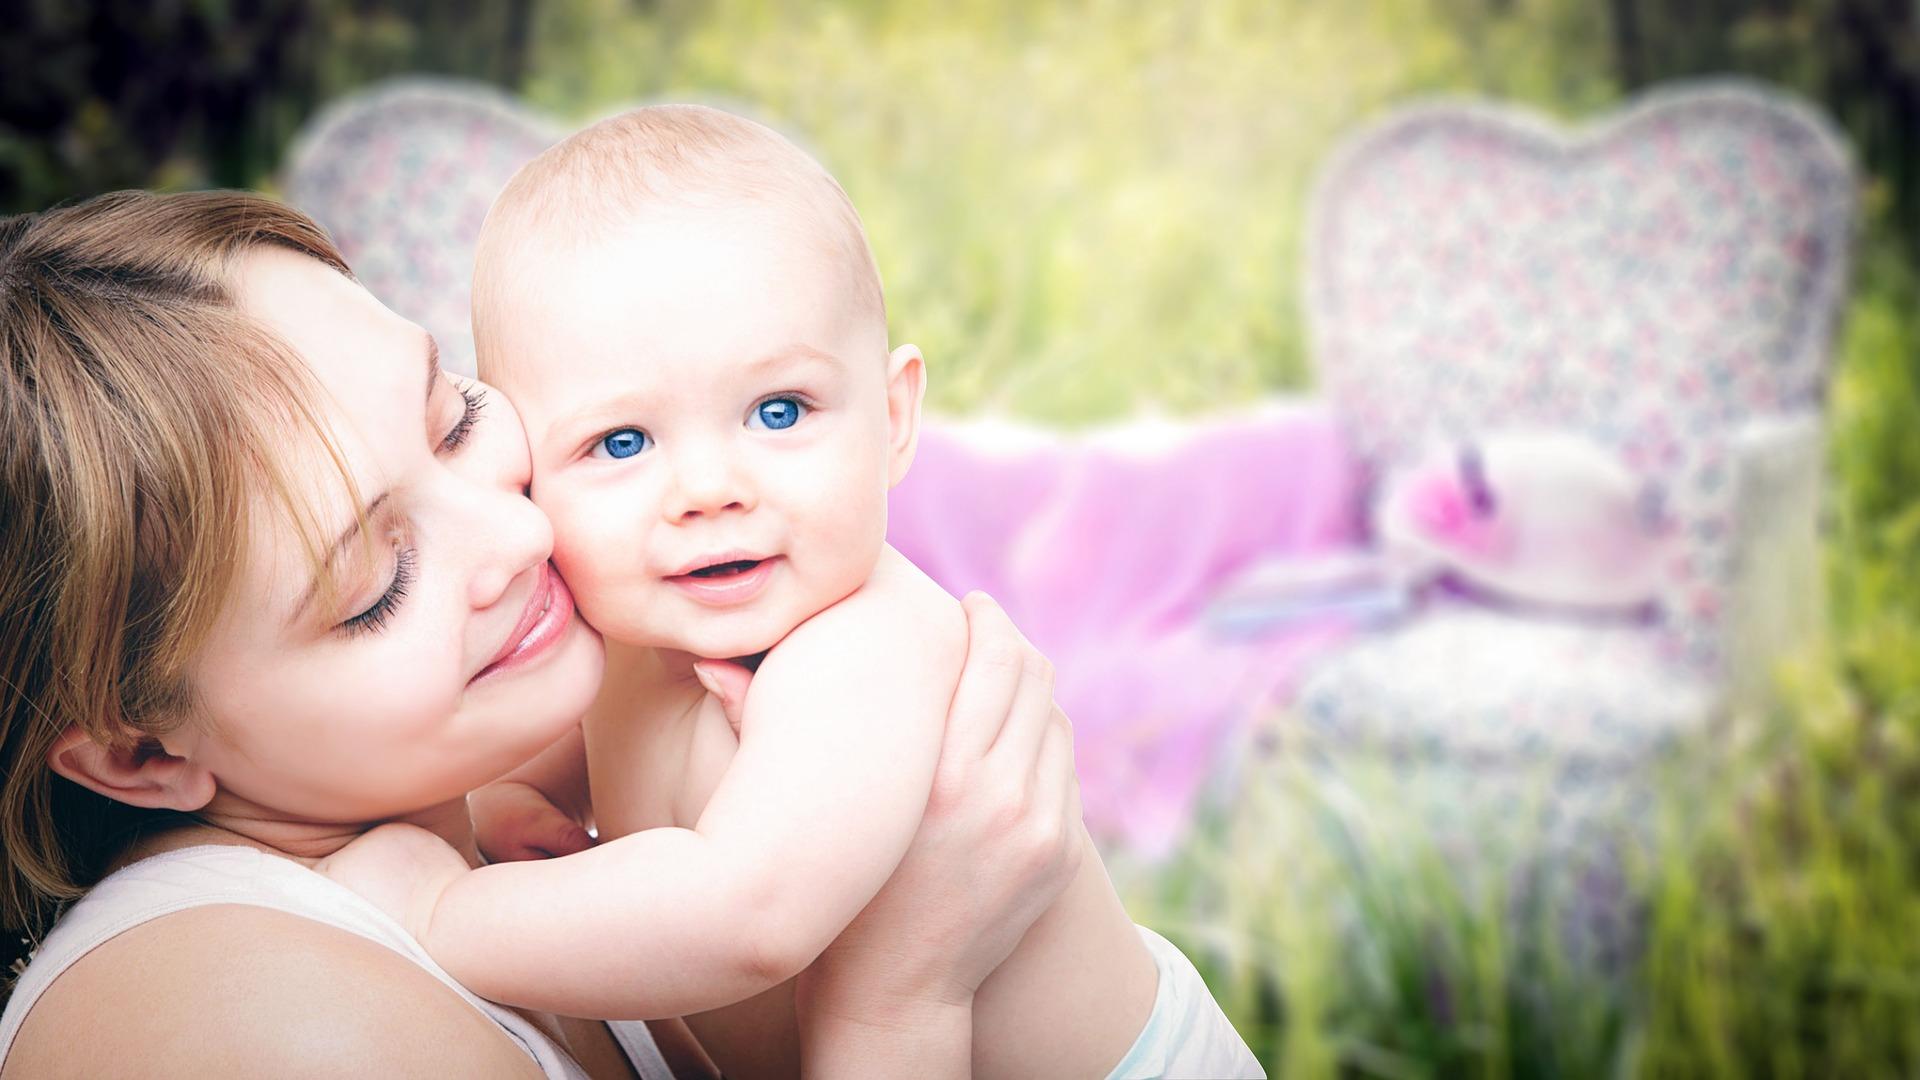 宝宝断奶后,胸像瘪了一样,从C罩杯变B罩杯,产后如何护理胸部?